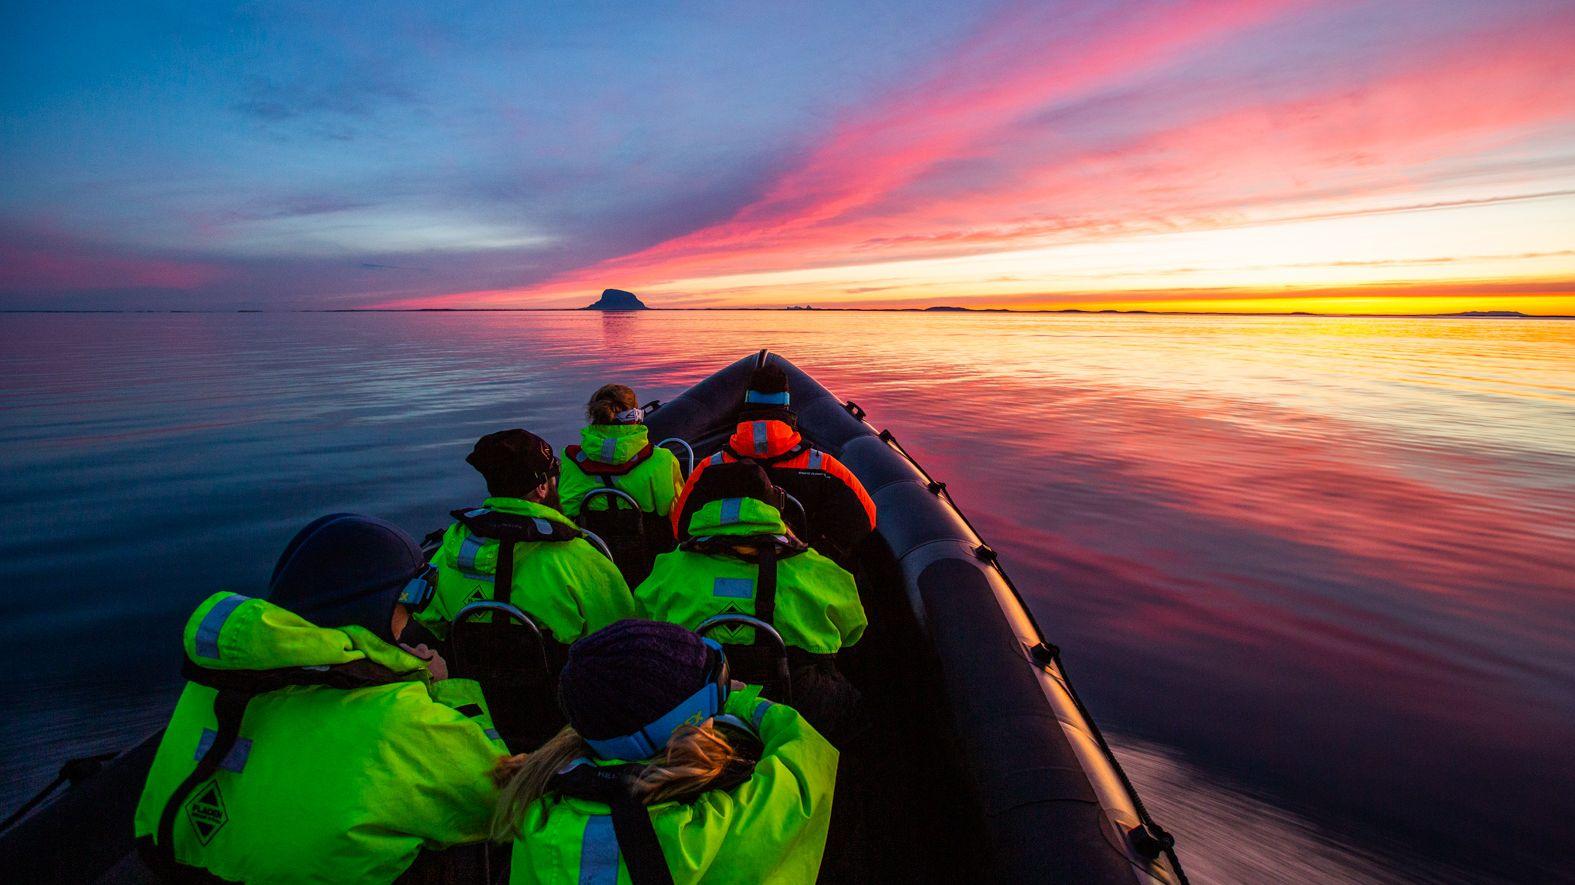 Rib med passasjerer på tur i solnedgang